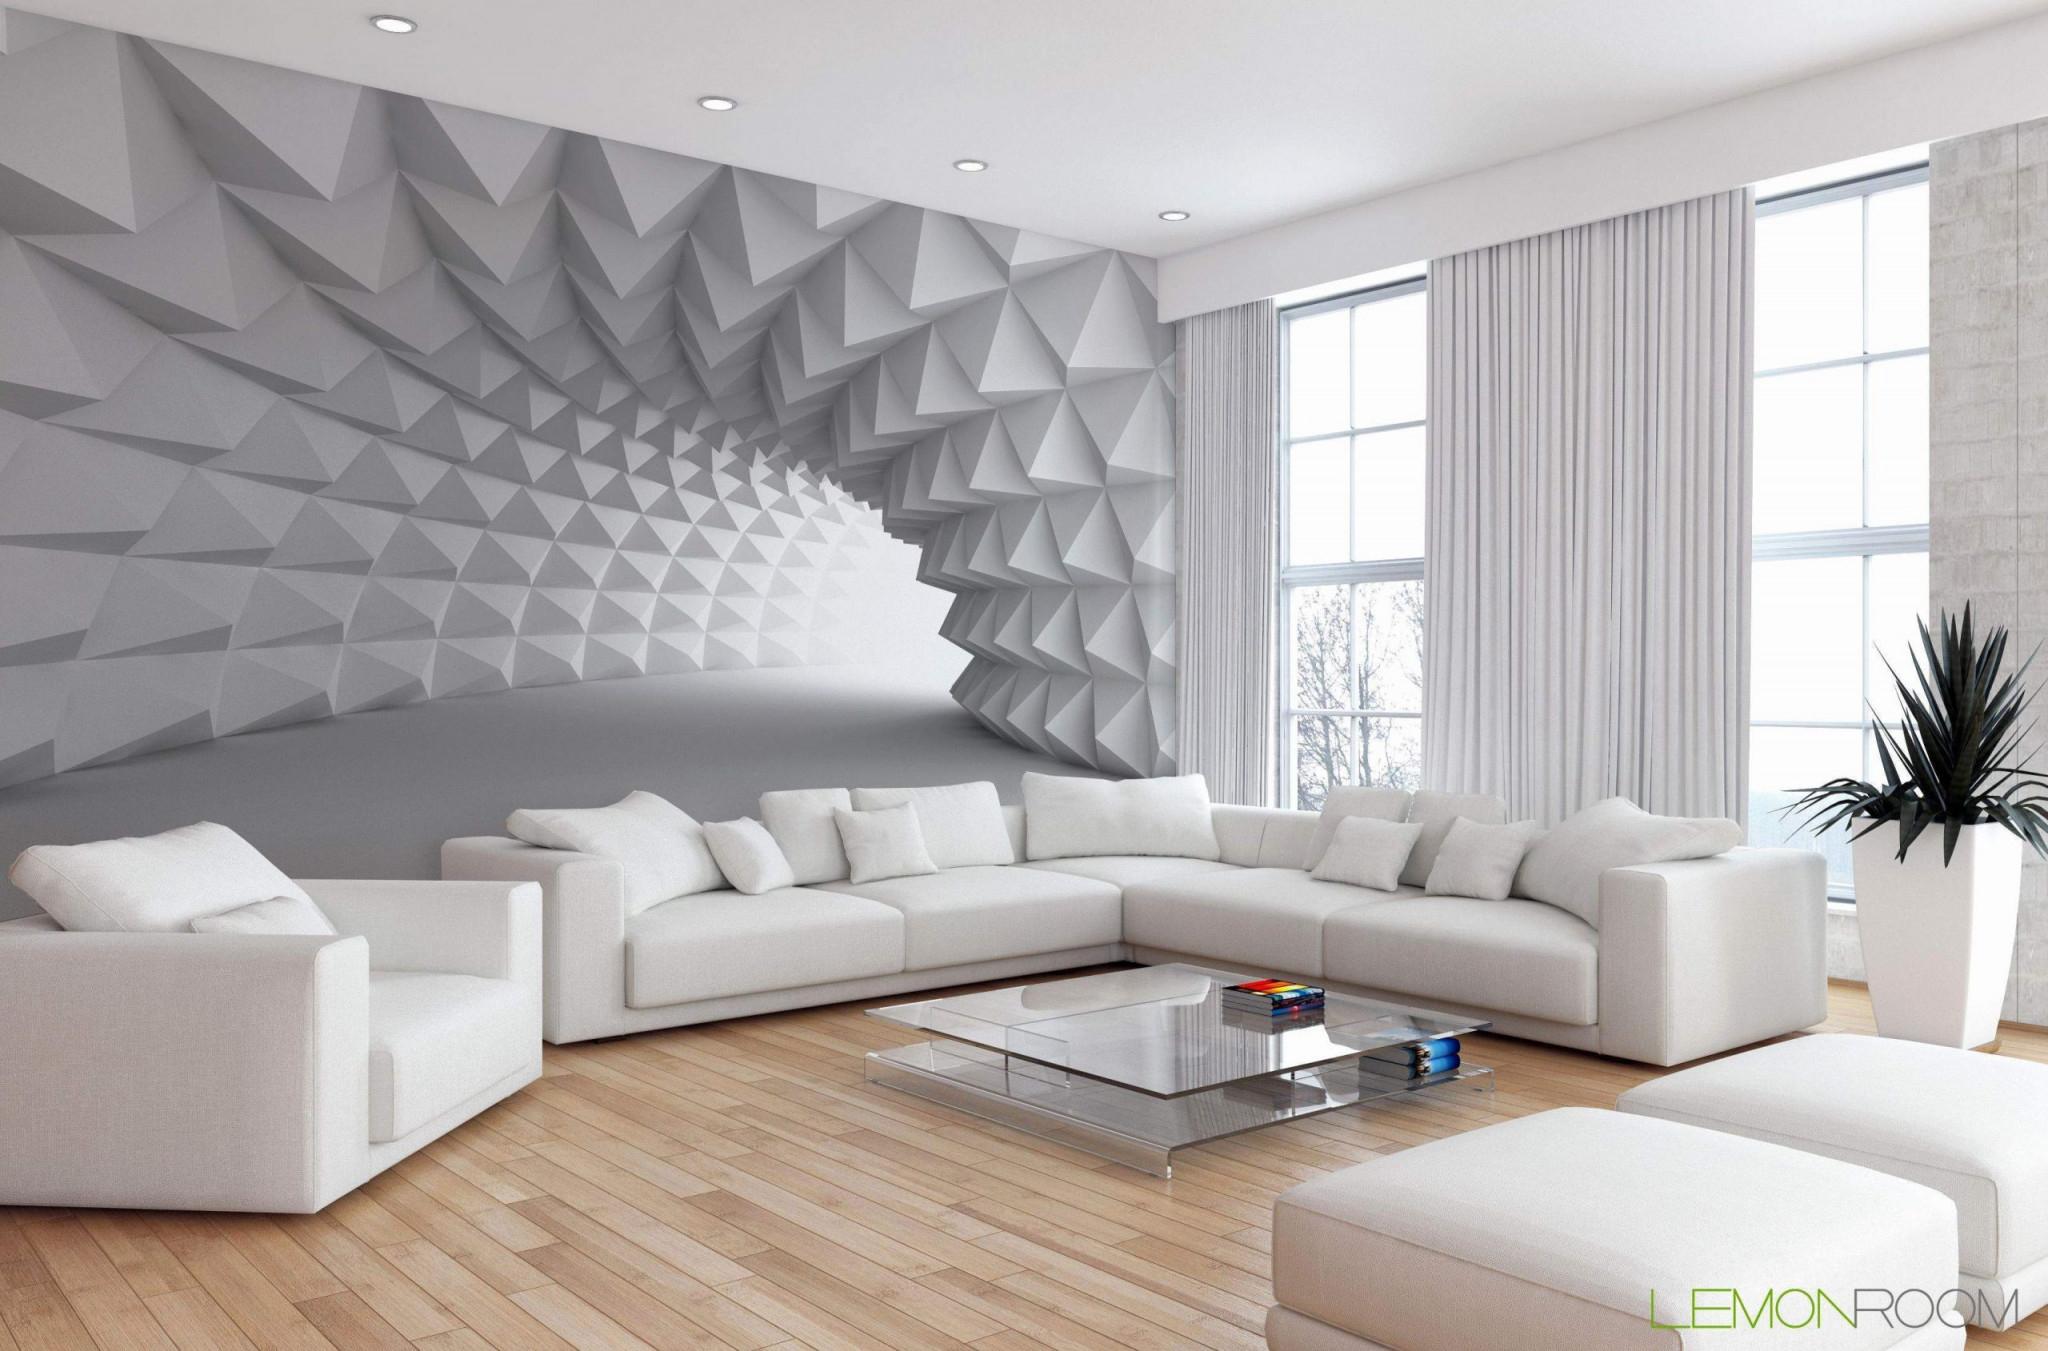 Fototapete Wohnzimmer 3D Das Beste Von 32 Frisch Tapeten von Wohnzimmer 3D Tapeten Bild